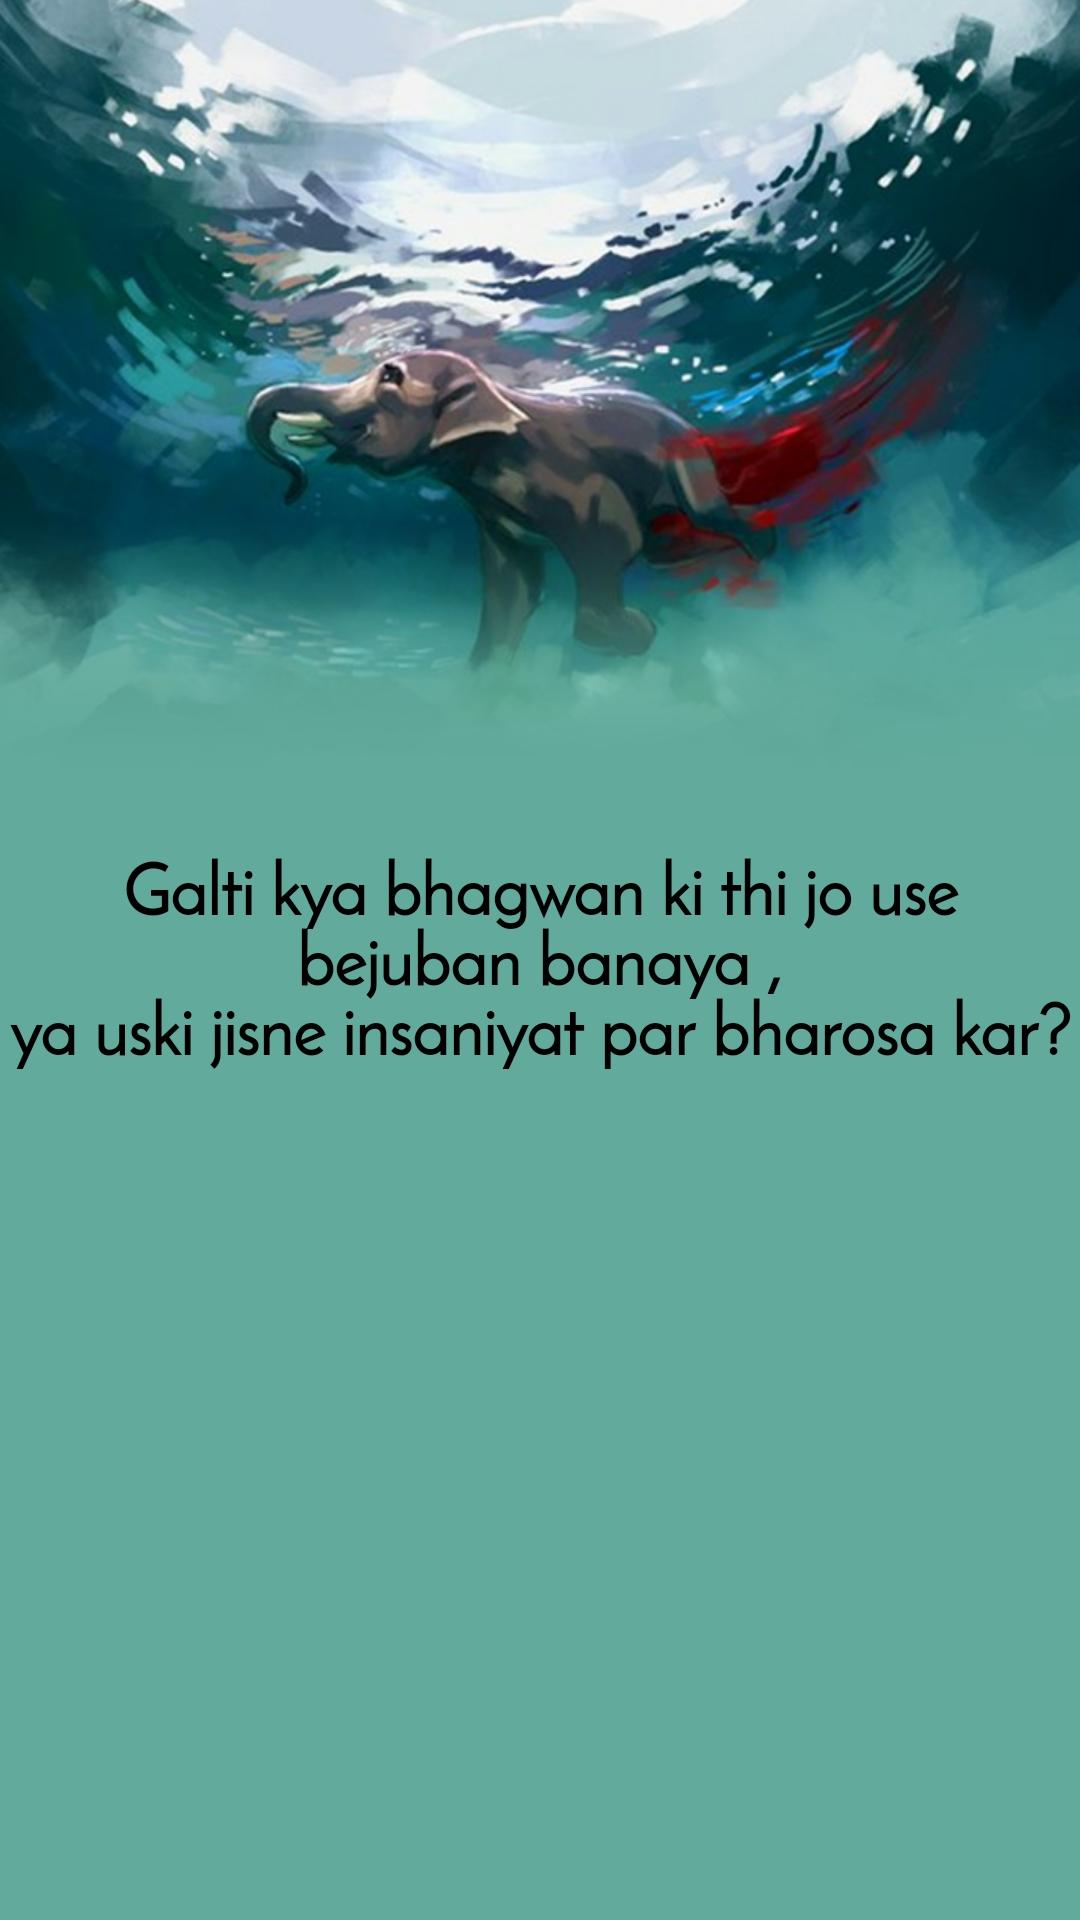 Galti kya bhagwan ki thi jo use bejuban banaya , ya uski jisne insaniyat par bharosa kar?